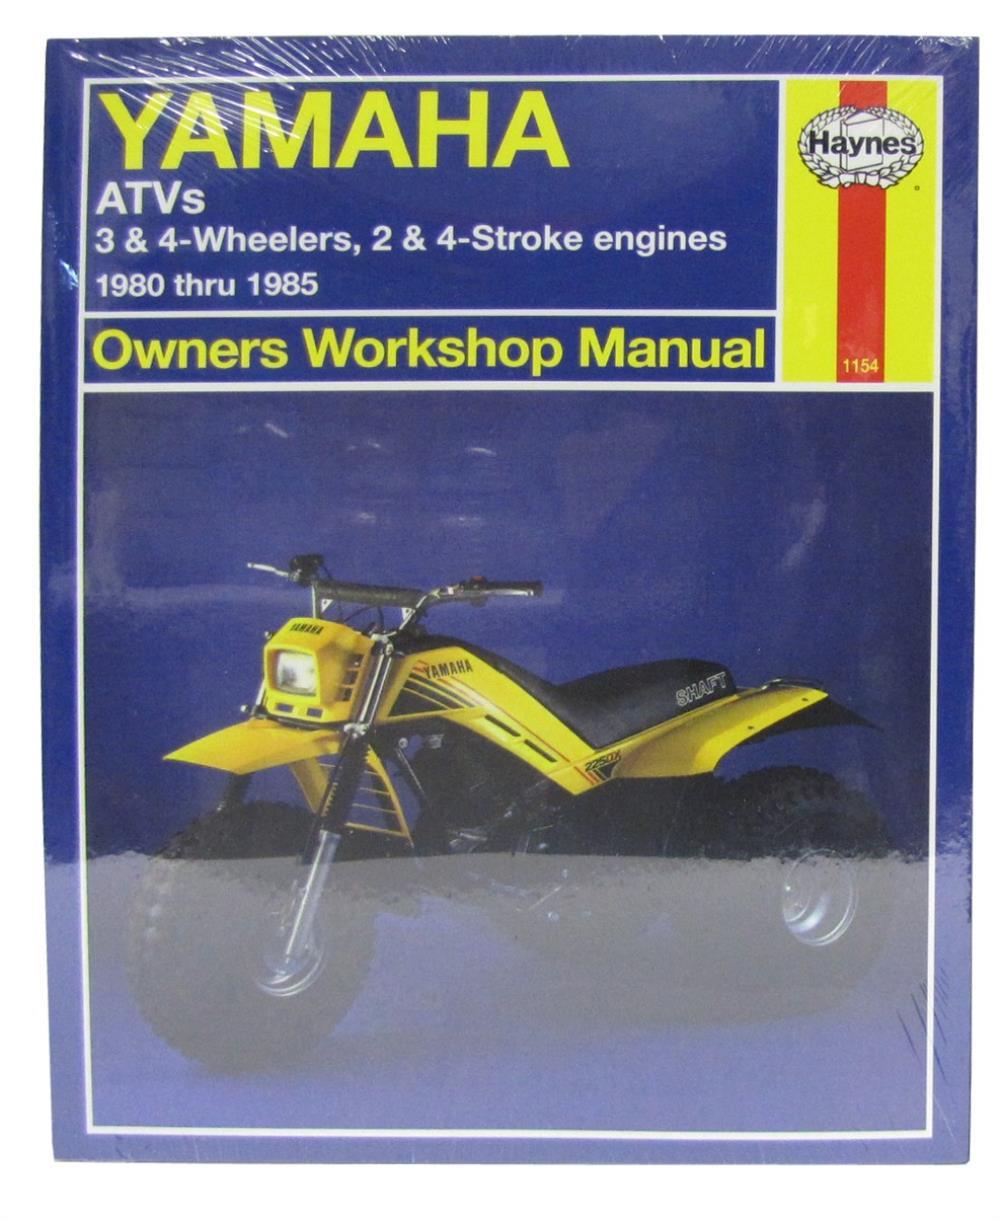 hight resolution of workshop manual yamaha yfm200 yt60 125 175 ytm200 225 ytz250 sincgars radio configurations diagrams yt60 wiring diagram